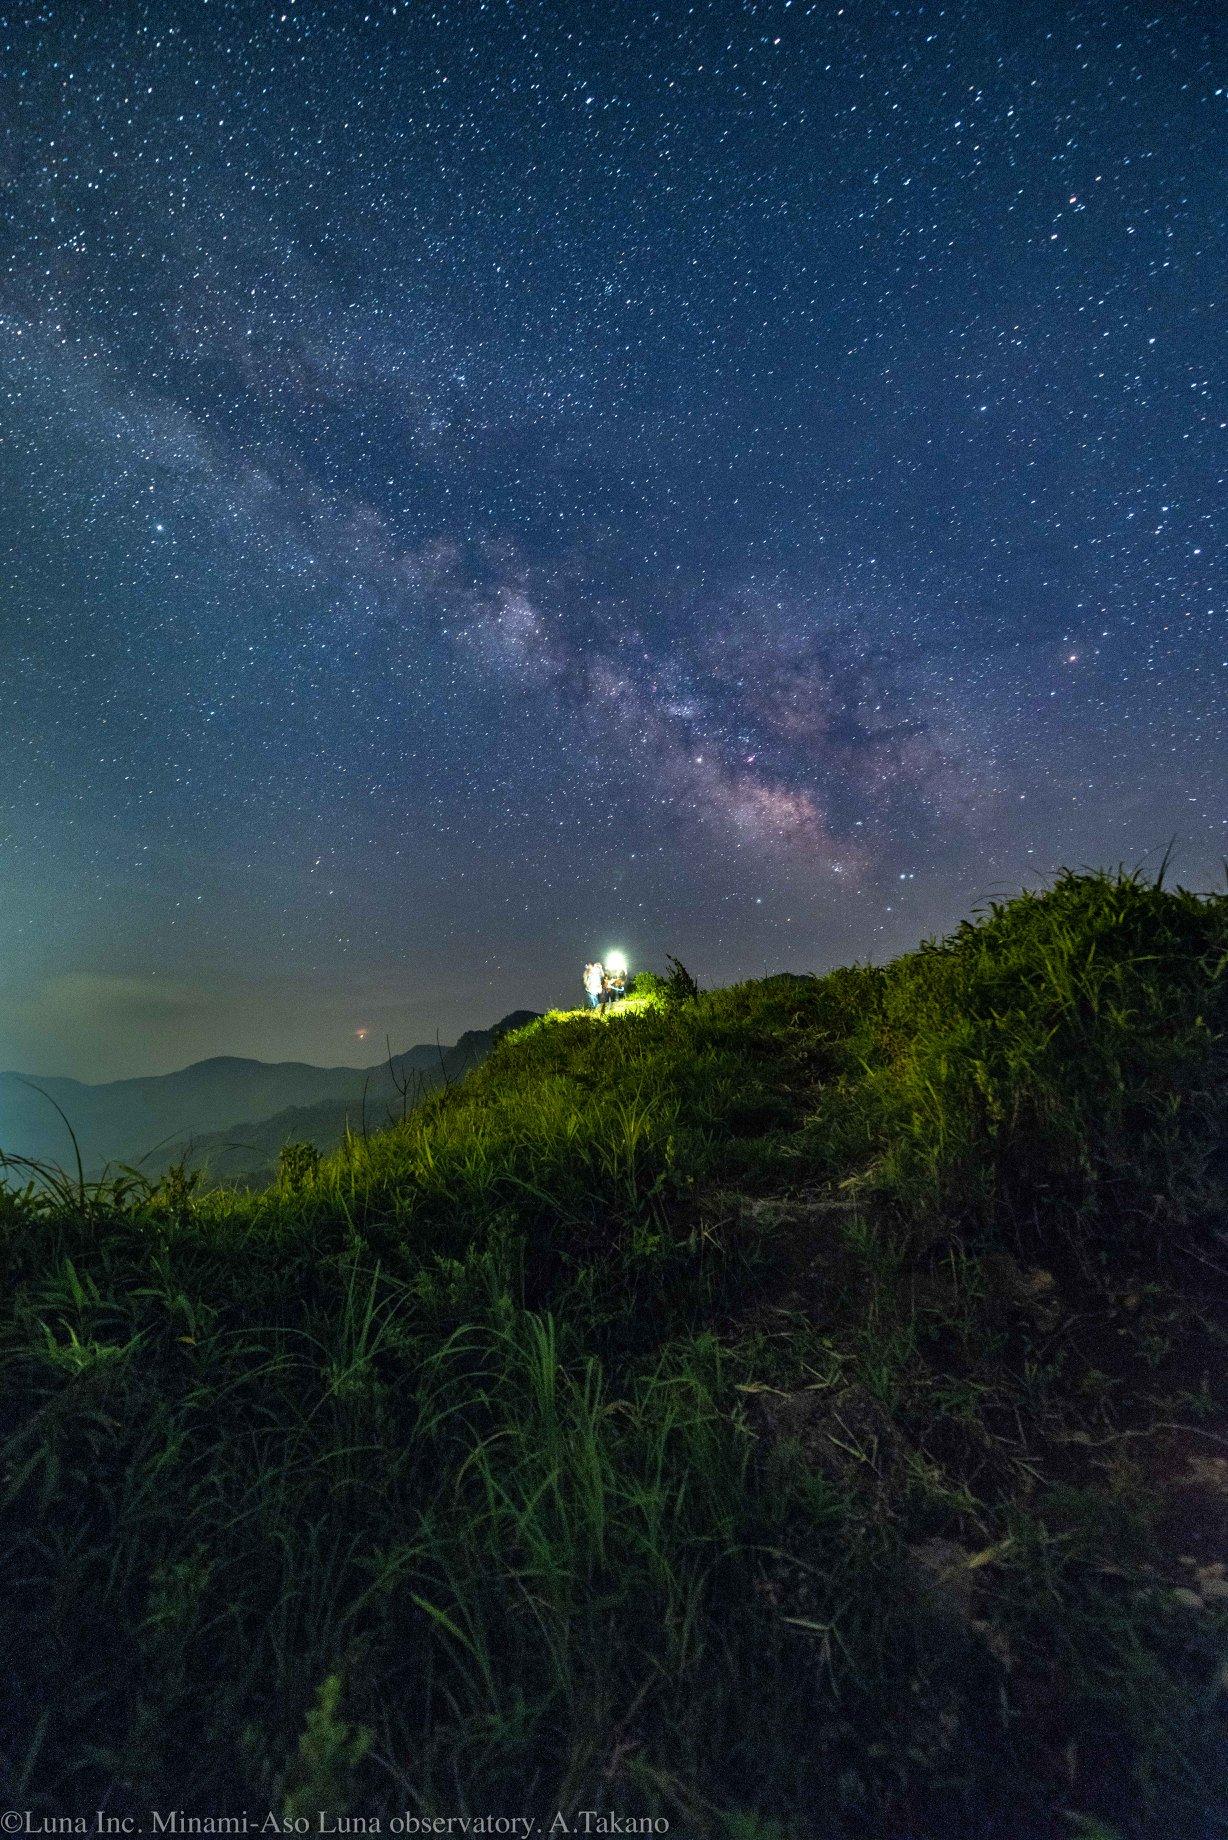 「星と火山と草原と」〜南阿蘇の物語(クリックで拡大)